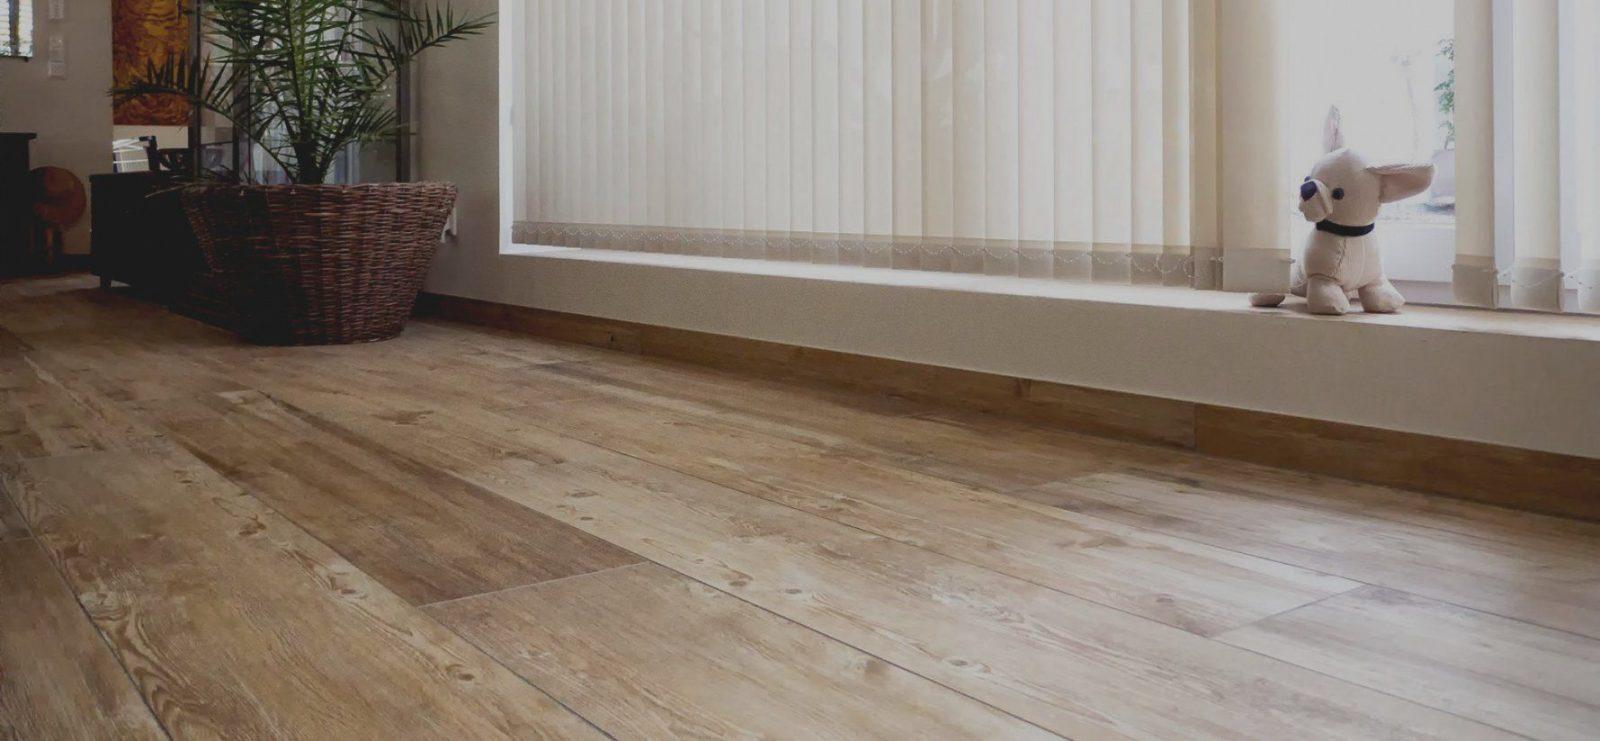 Trend Fliesen Holzoptik Wohnzimmer Wunderschöne In For Wesanderson Von  Fliesen In Holzoptik Wohnzimmer Photo